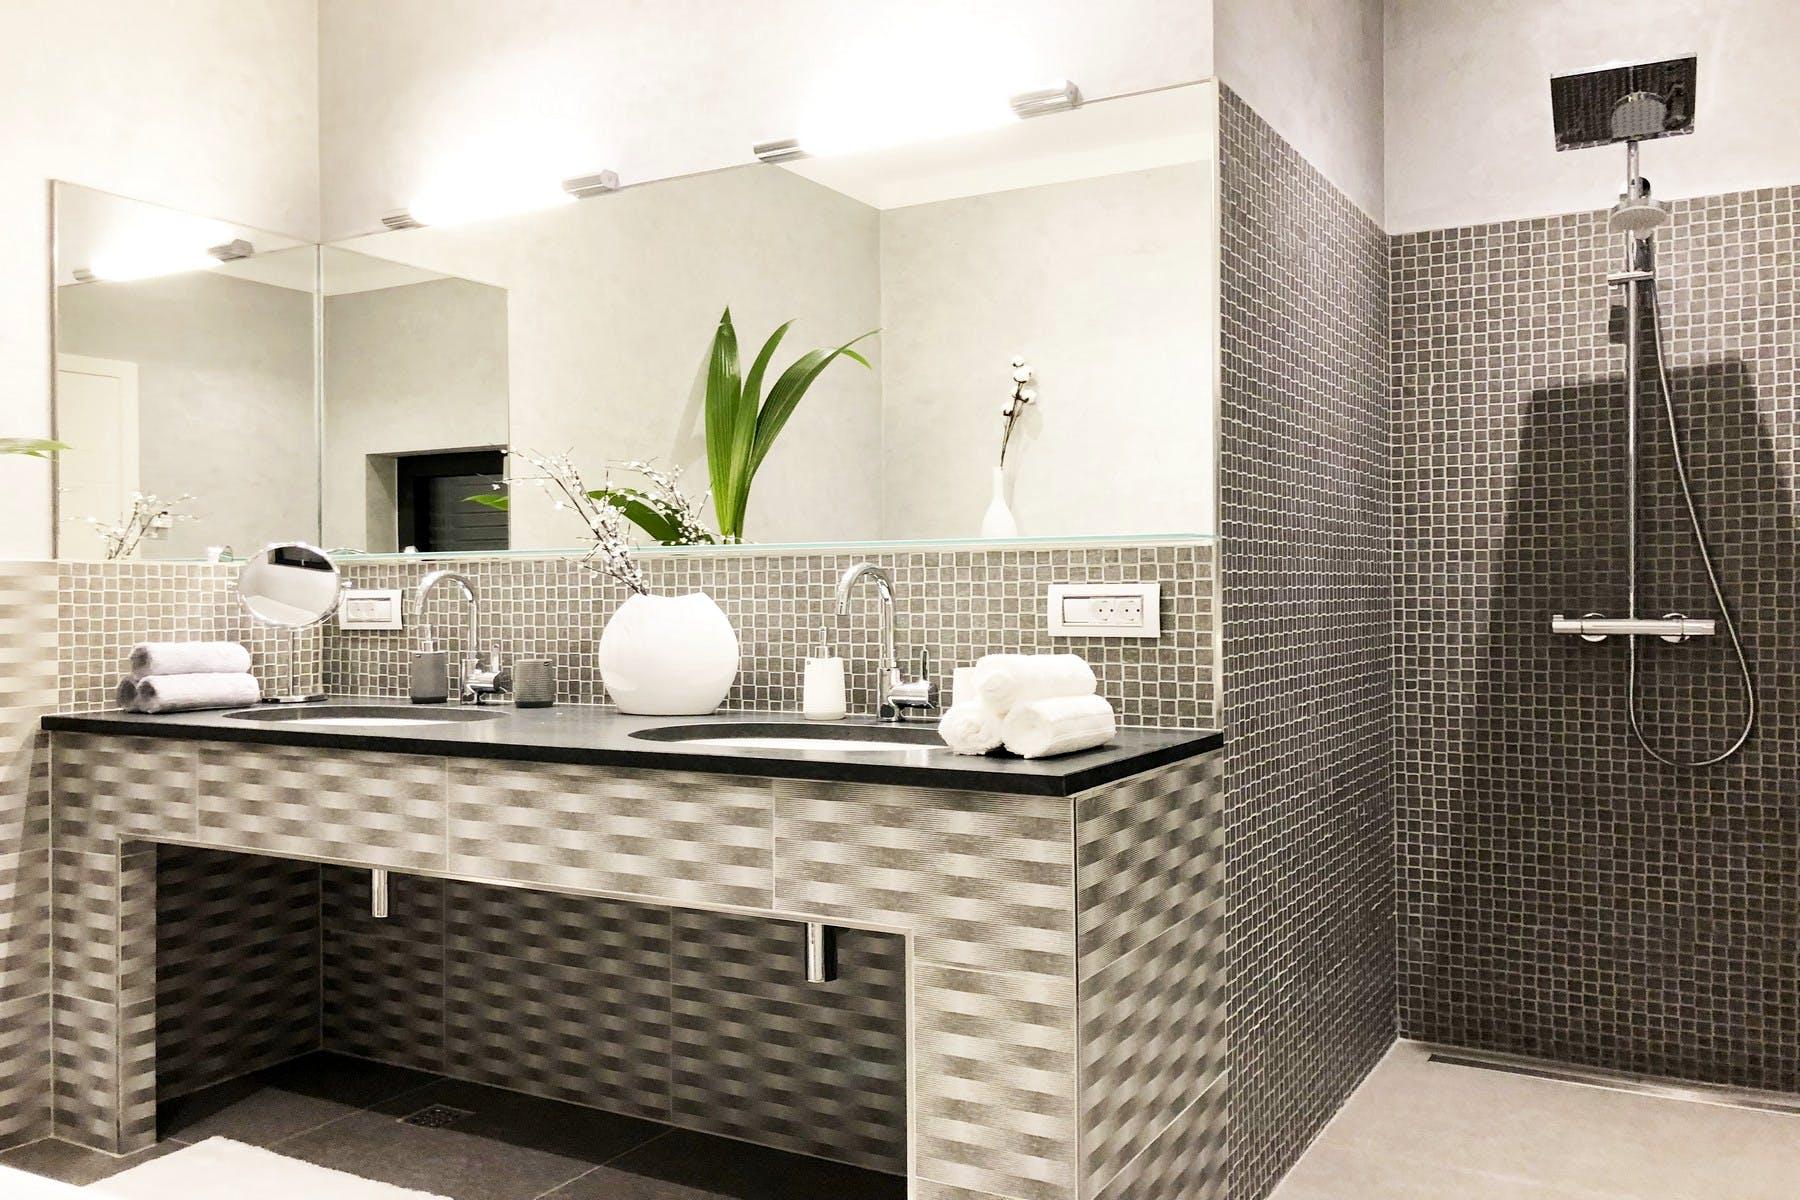 Veliko ogledalo i umivaonik